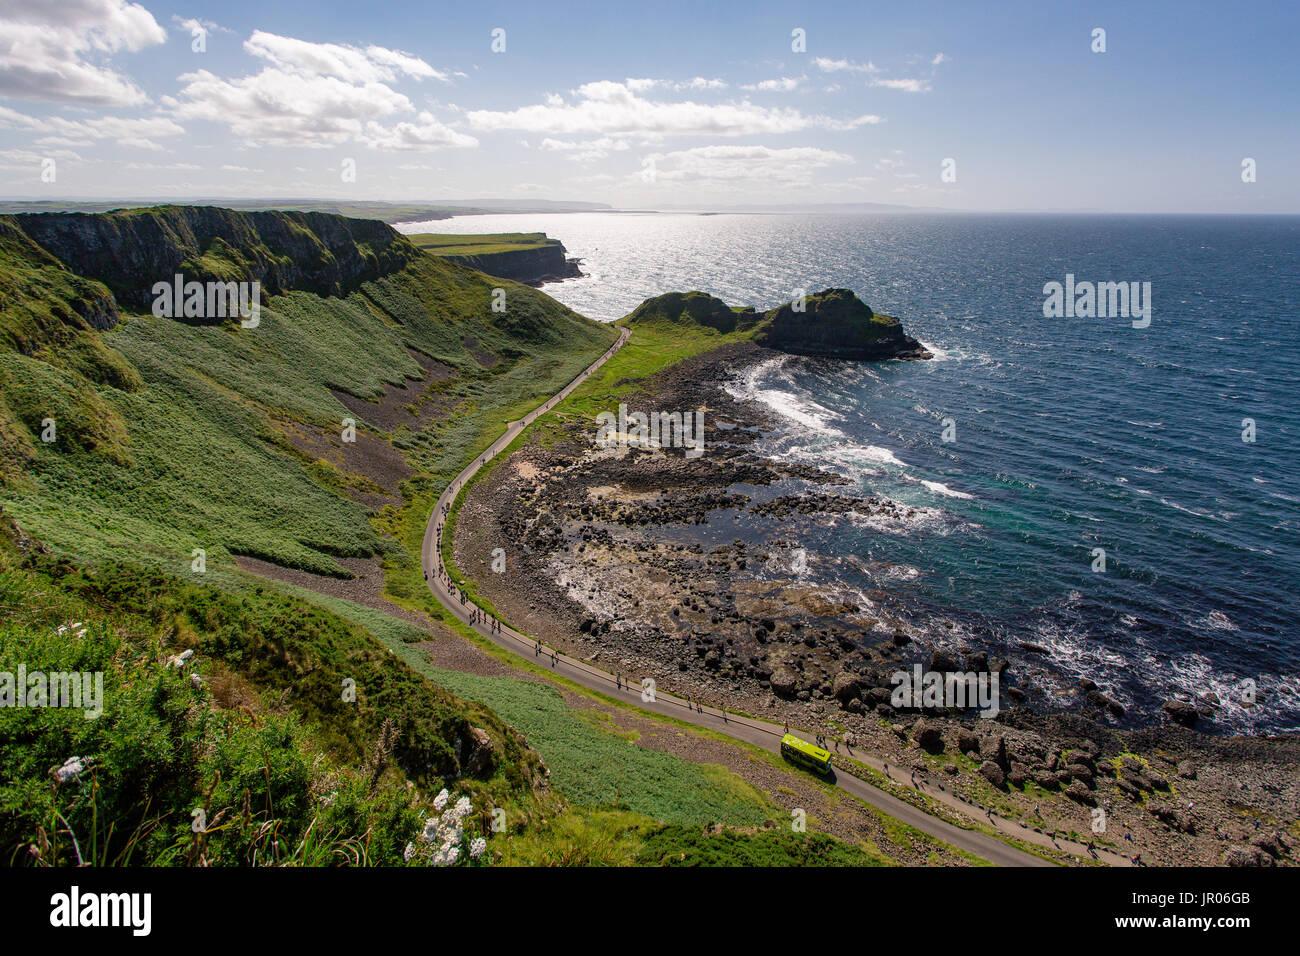 Vue depuis la falaise au-dessus de la route touristique menant à la Chaussée des géants l'un des plus magnifiques côtes antrim Irlande du Nord Photo Stock